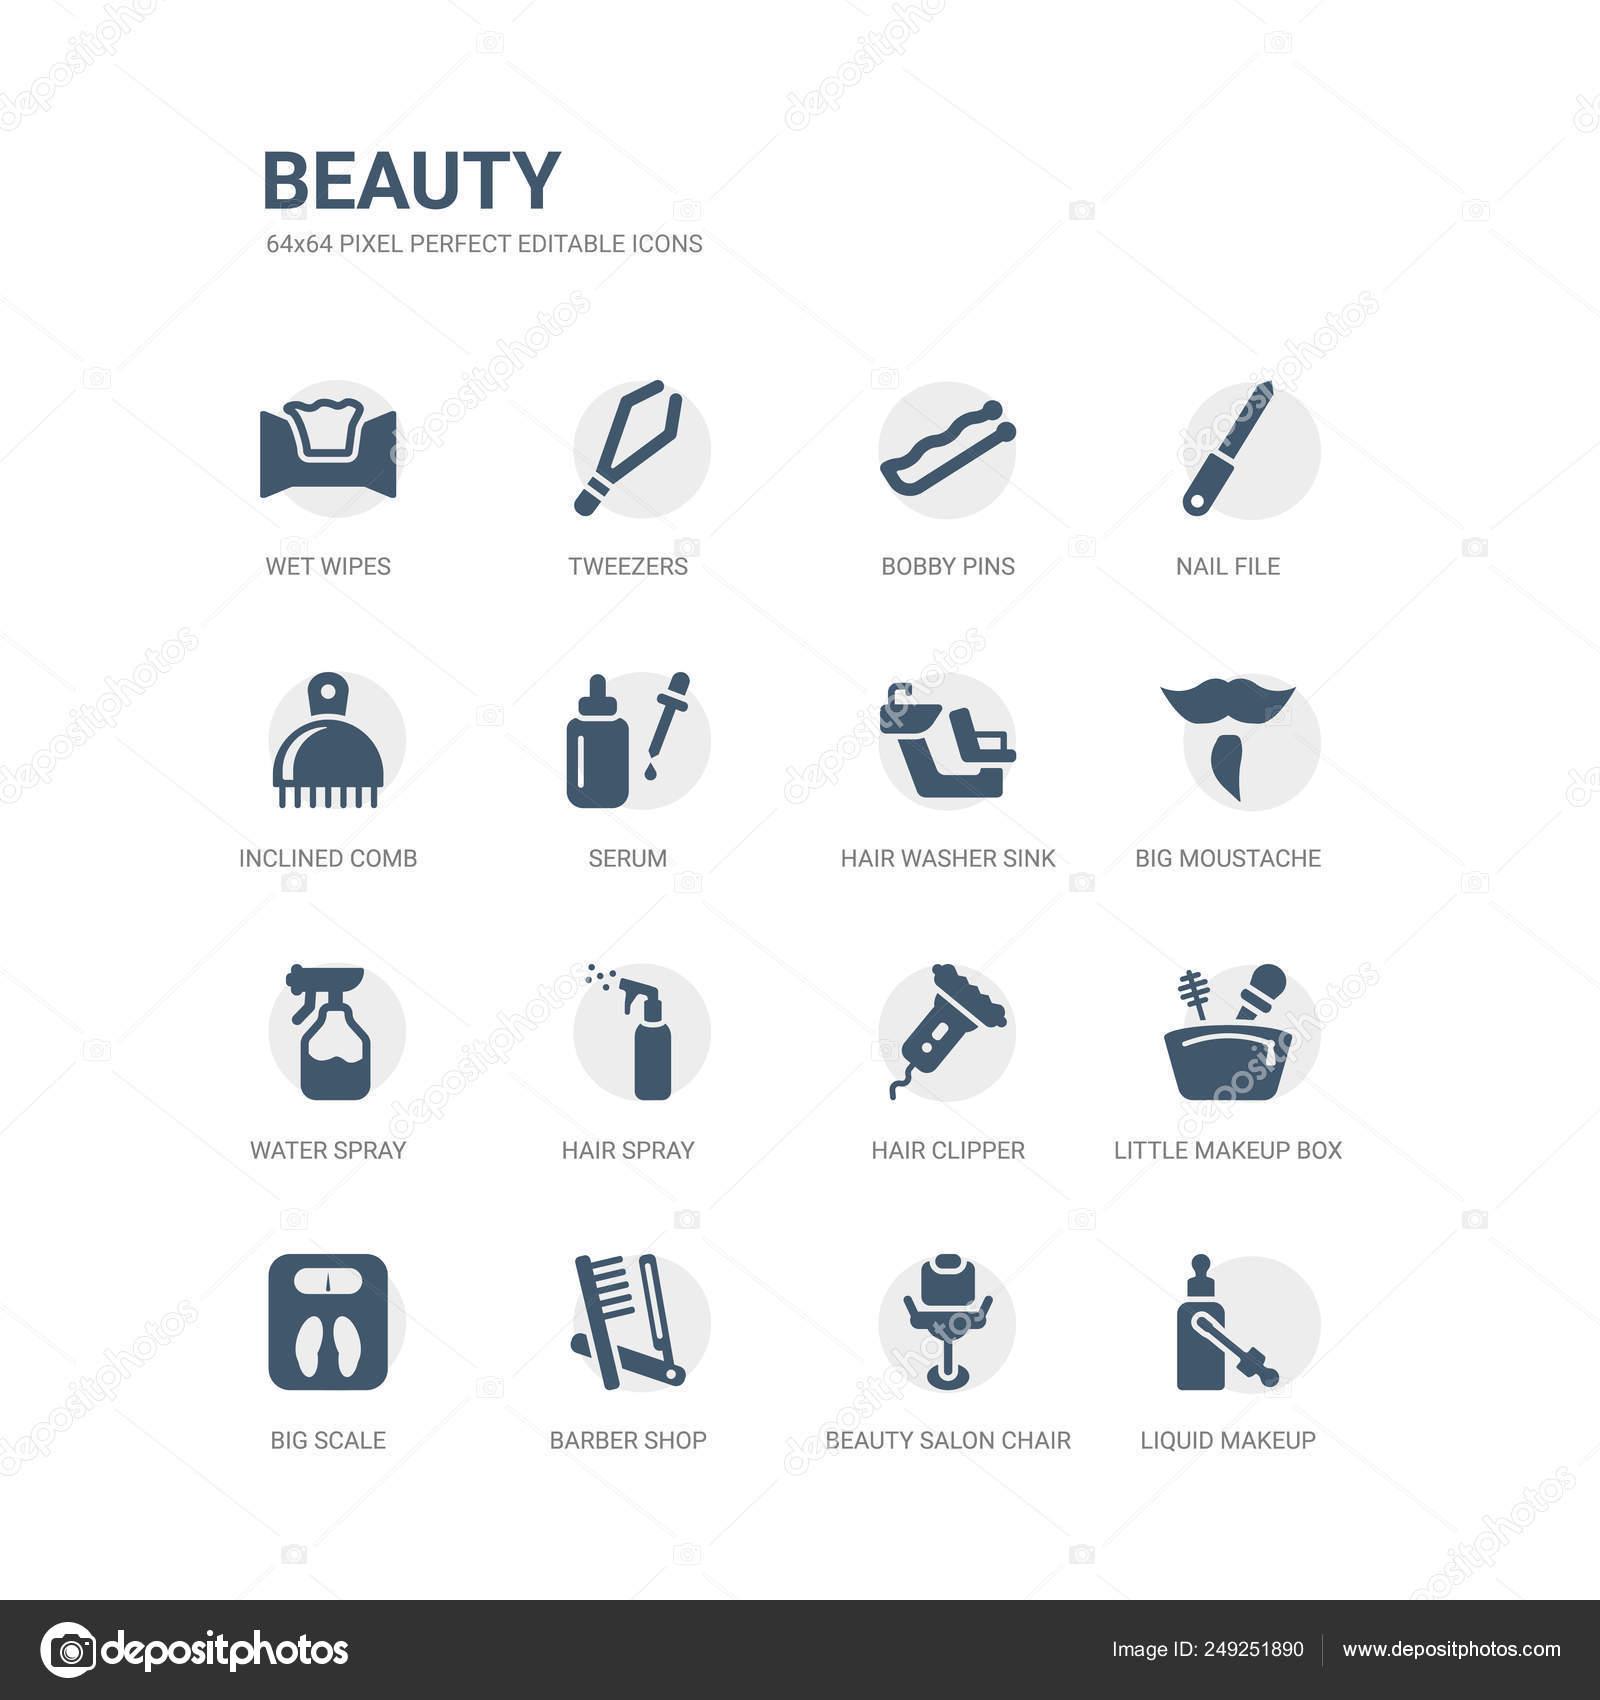 2d08b5499 simple juego de iconos como maquillaje liquido silla de salón de belleza,  peluquería, gran escala, poco caja de maquillaje, podadoras de pelo, laca,  ...